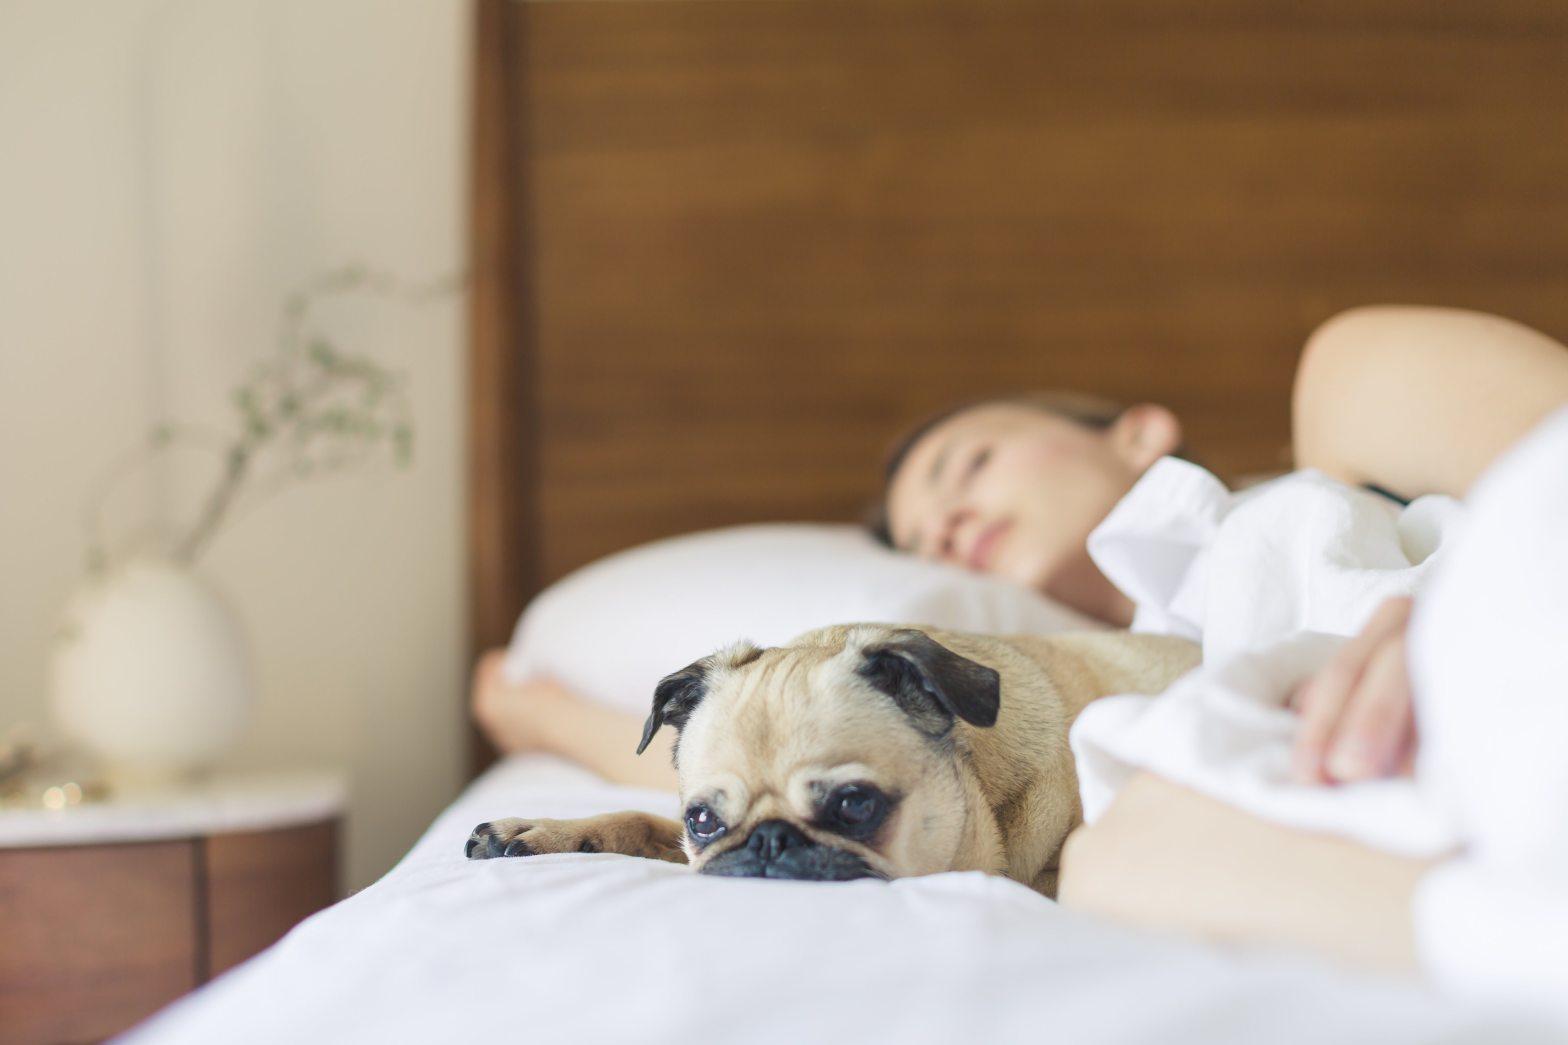 sleep article six reasons for sleep